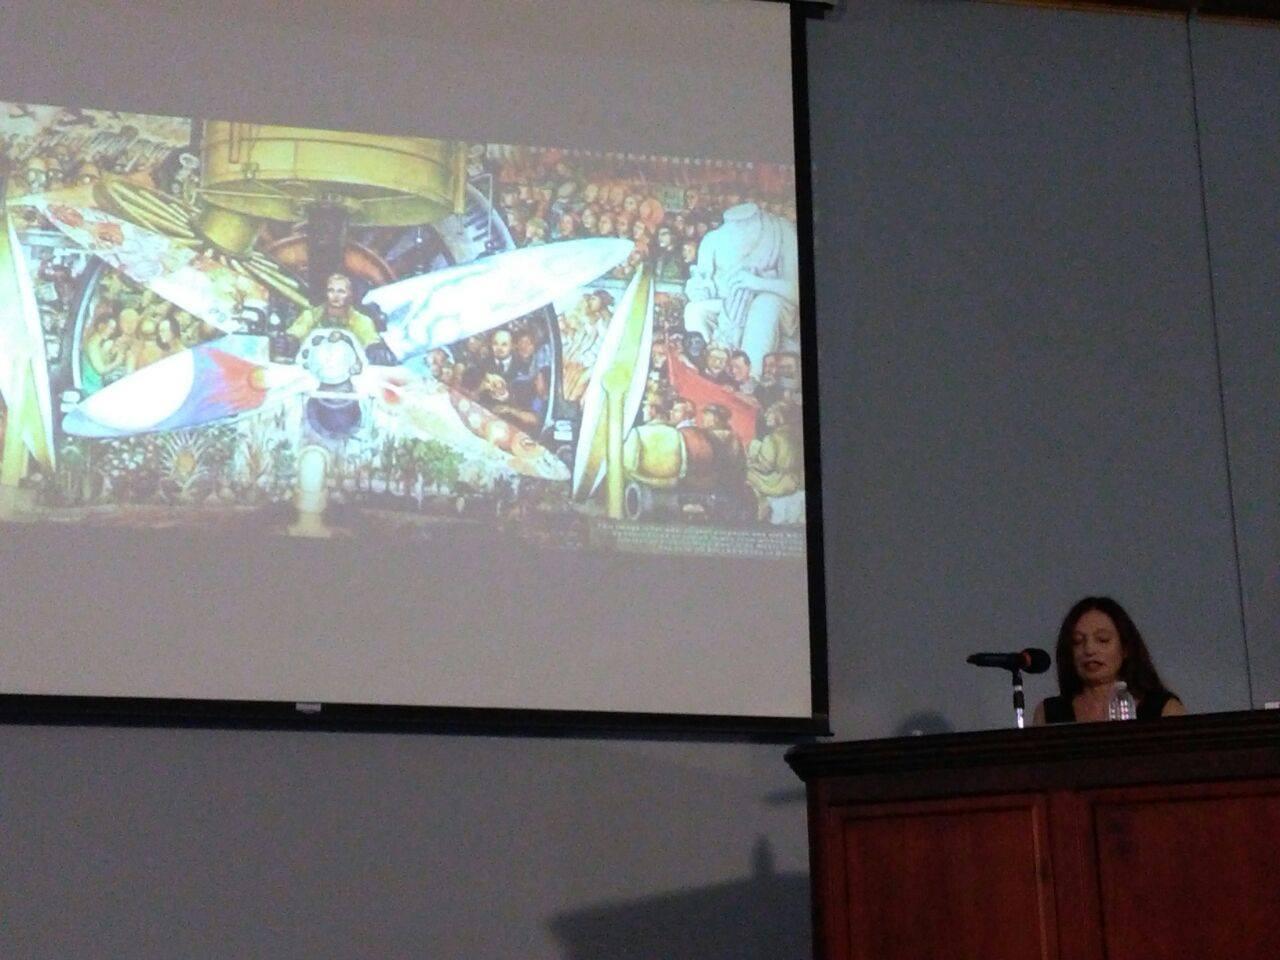 La académica argentina Susana Bercovich participó en el cine foro en la Sede de Guanacaste.